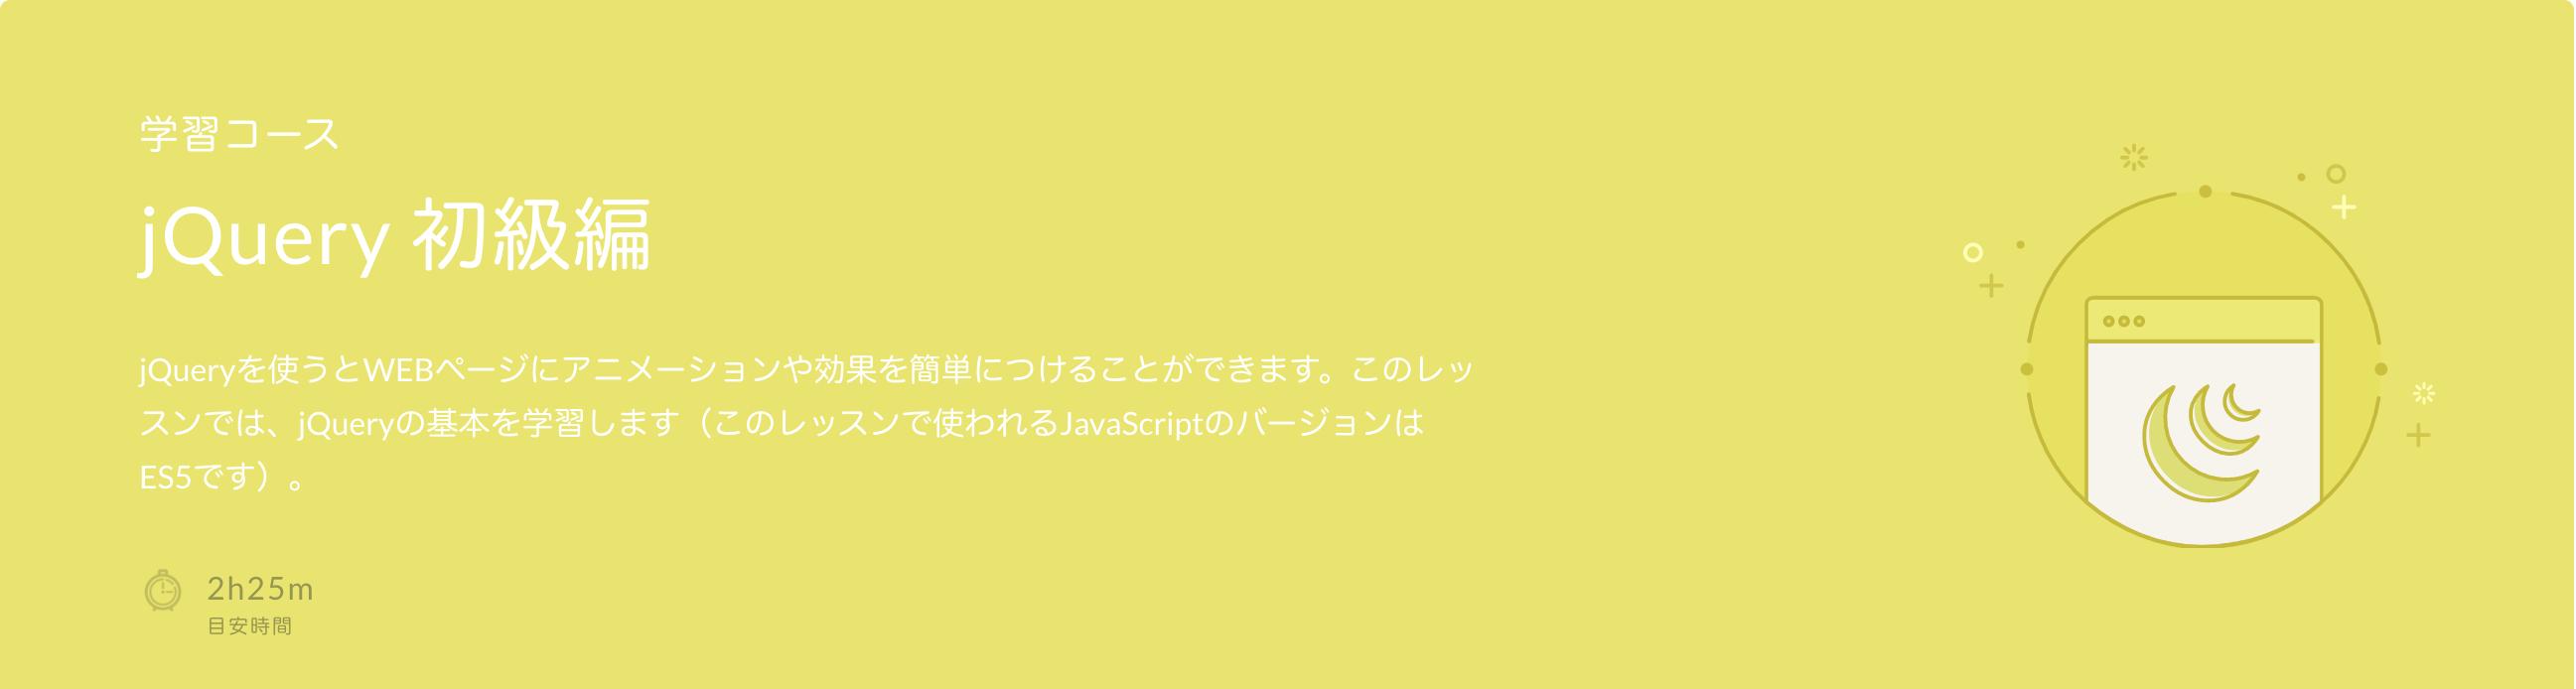 スクリーンショット-2021-08-02-13.03.29